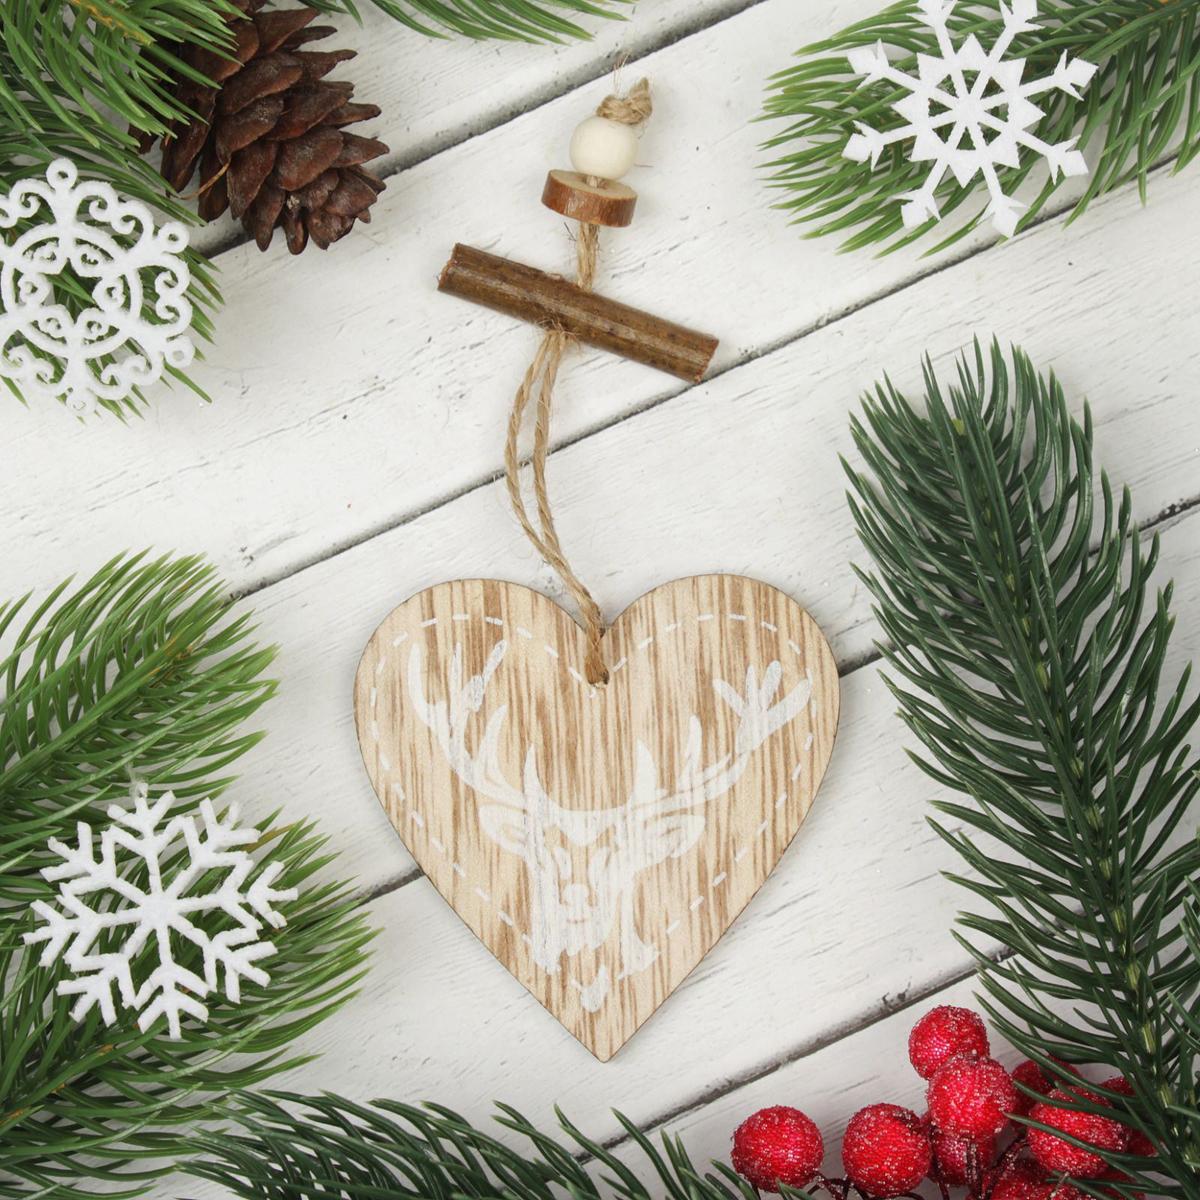 Украшение новогоднее подвесное Праздничный олень2303242Новогоднее подвесное украшение, выполненное из дерева, отлично подойдет для декорации вашего дома и новогодней ели. С помощью специальной петельки украшение можно повесить в любом понравившемся вам месте. Но, конечно, удачнее всего оно будет смотреться на праздничной елке.Елочная игрушка - символ Нового года. Она несет в себе волшебство и красоту праздника. Такое украшение создаст в вашем доме атмосферу праздника, веселья и радости.